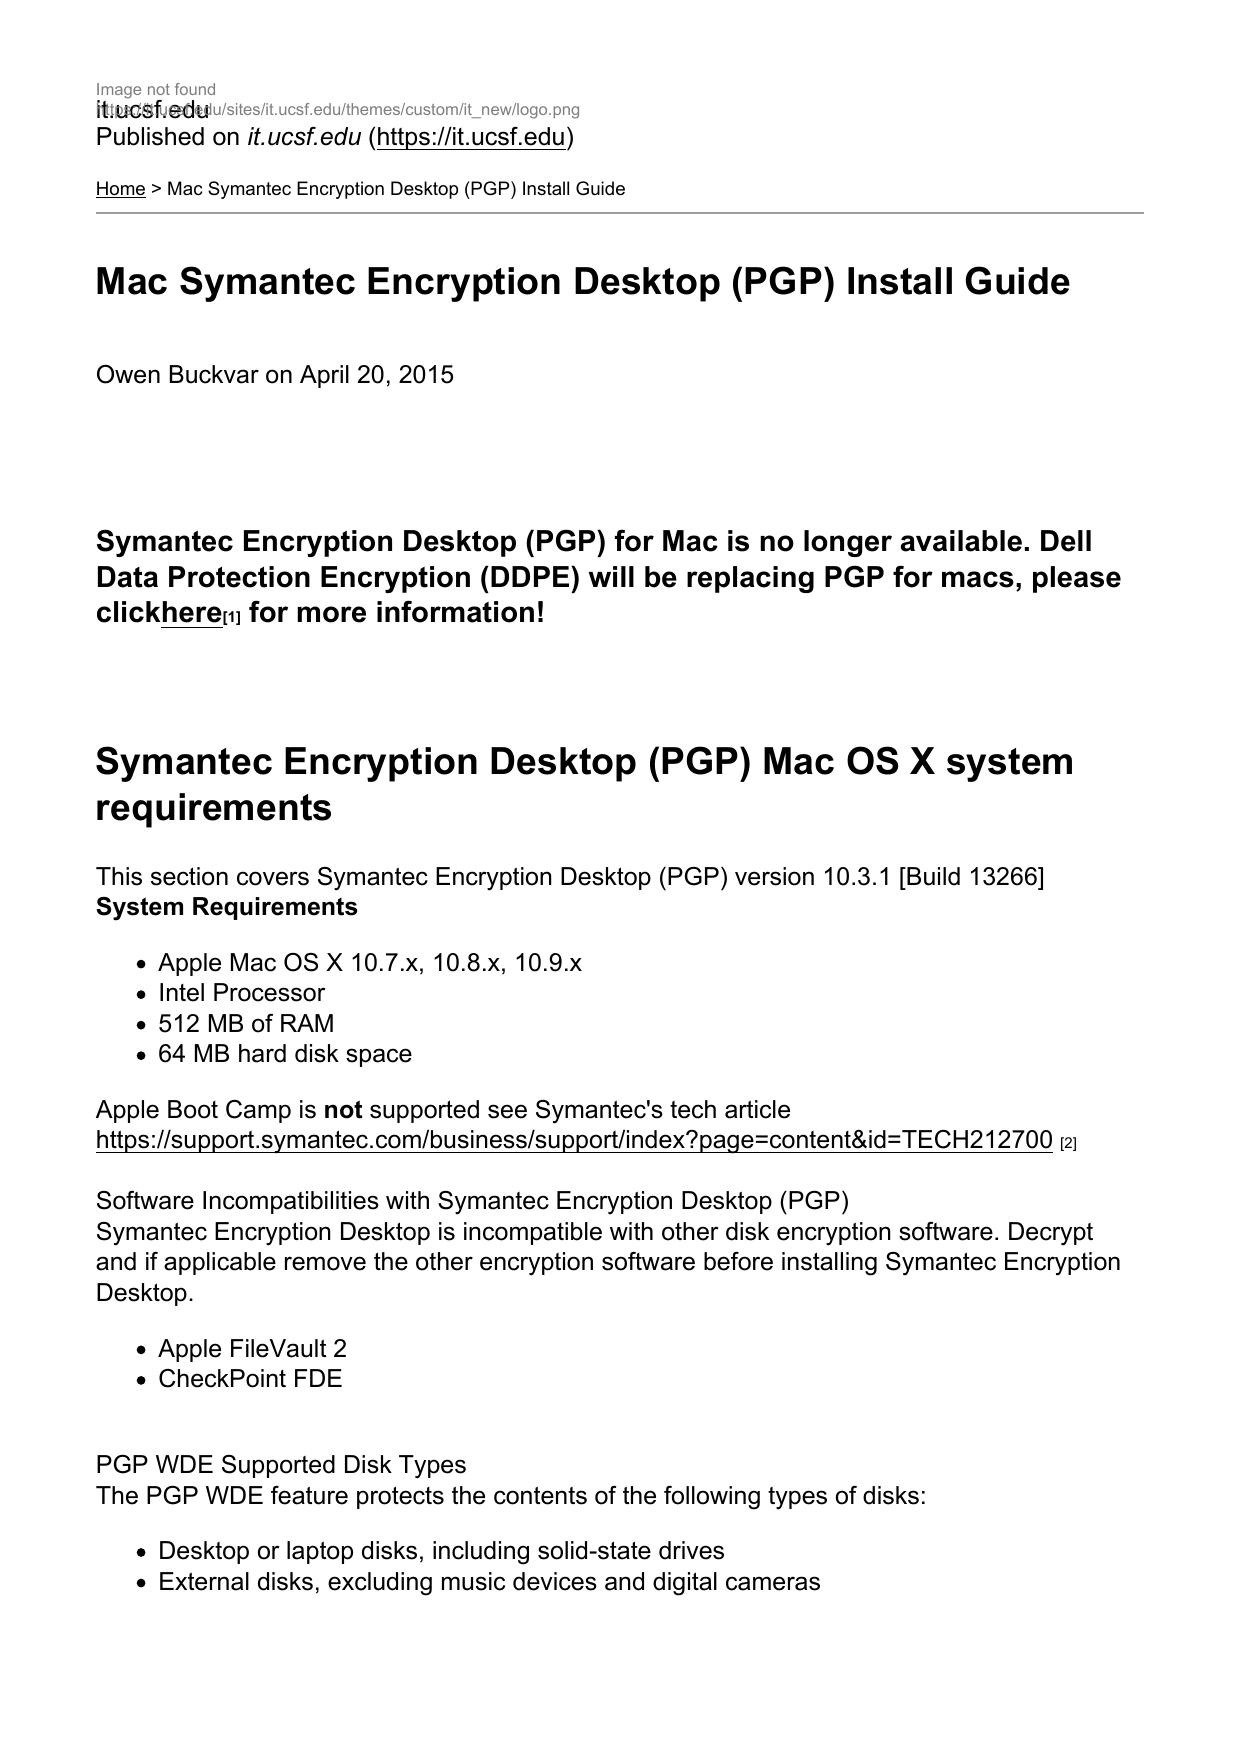 Mac Symantec Encryption Desktop (PGP) Install Guide | manualzz com